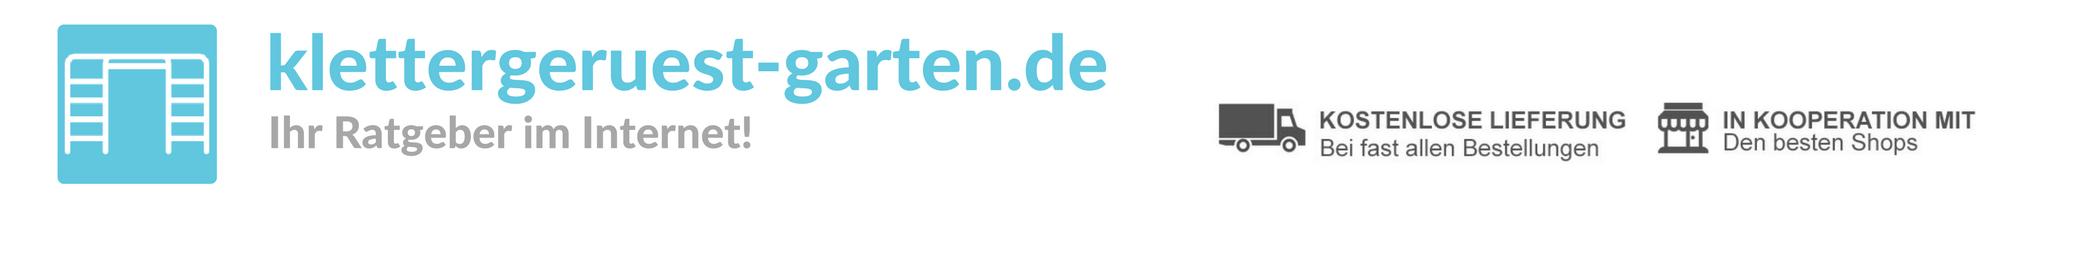 Häufig gestellte Fragen - klettergeruest-garten.de